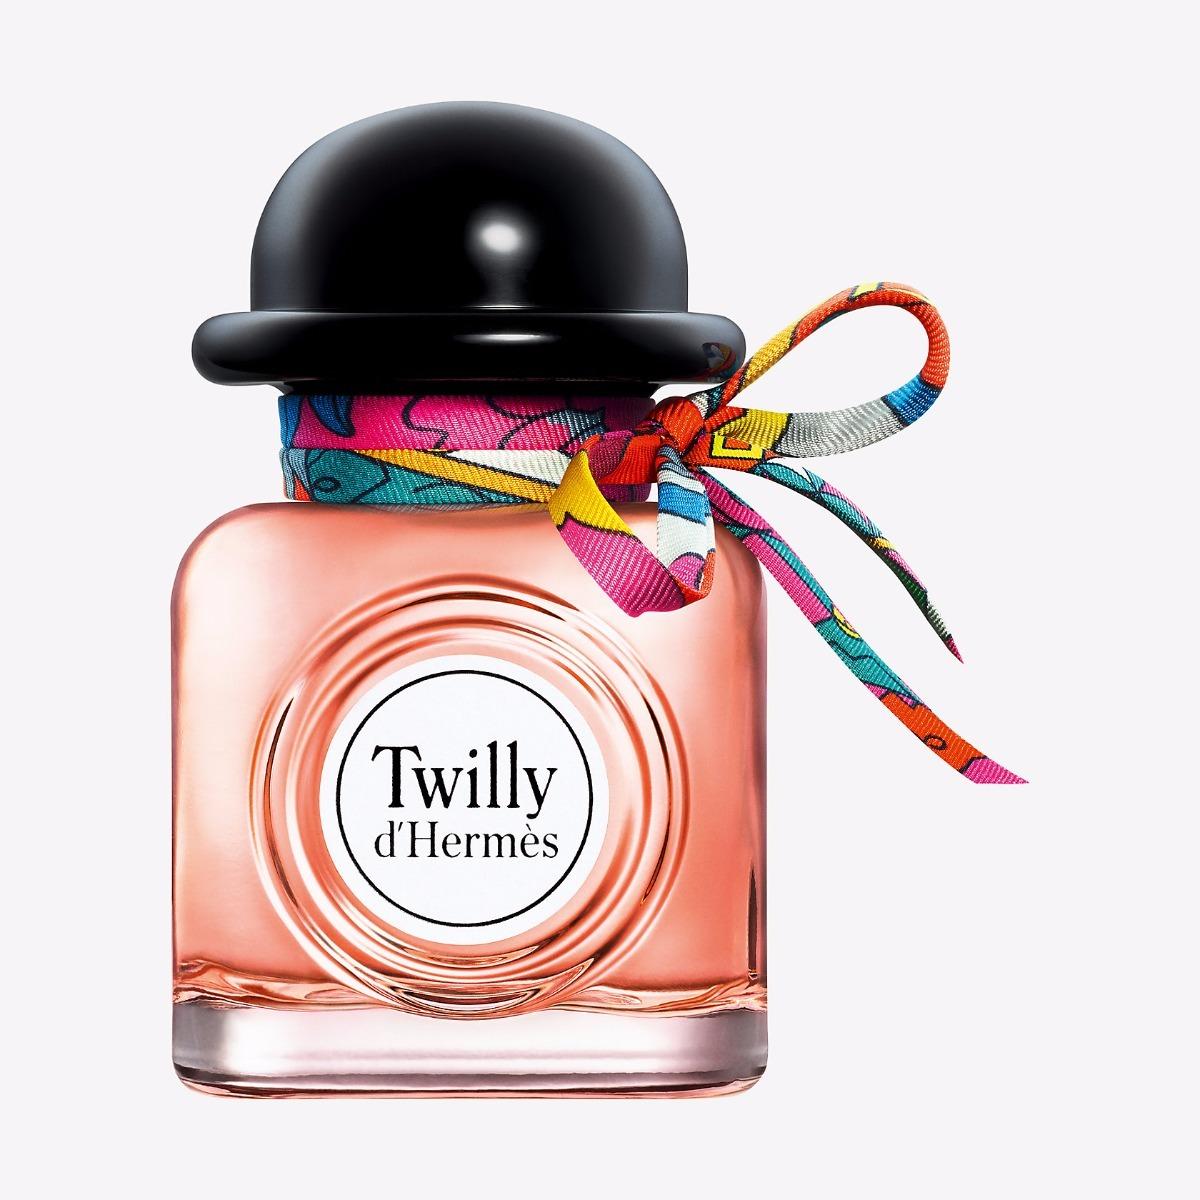 61a00acdedd Hermès Twilly D hermès Eau De Parfum 85ml - R  429